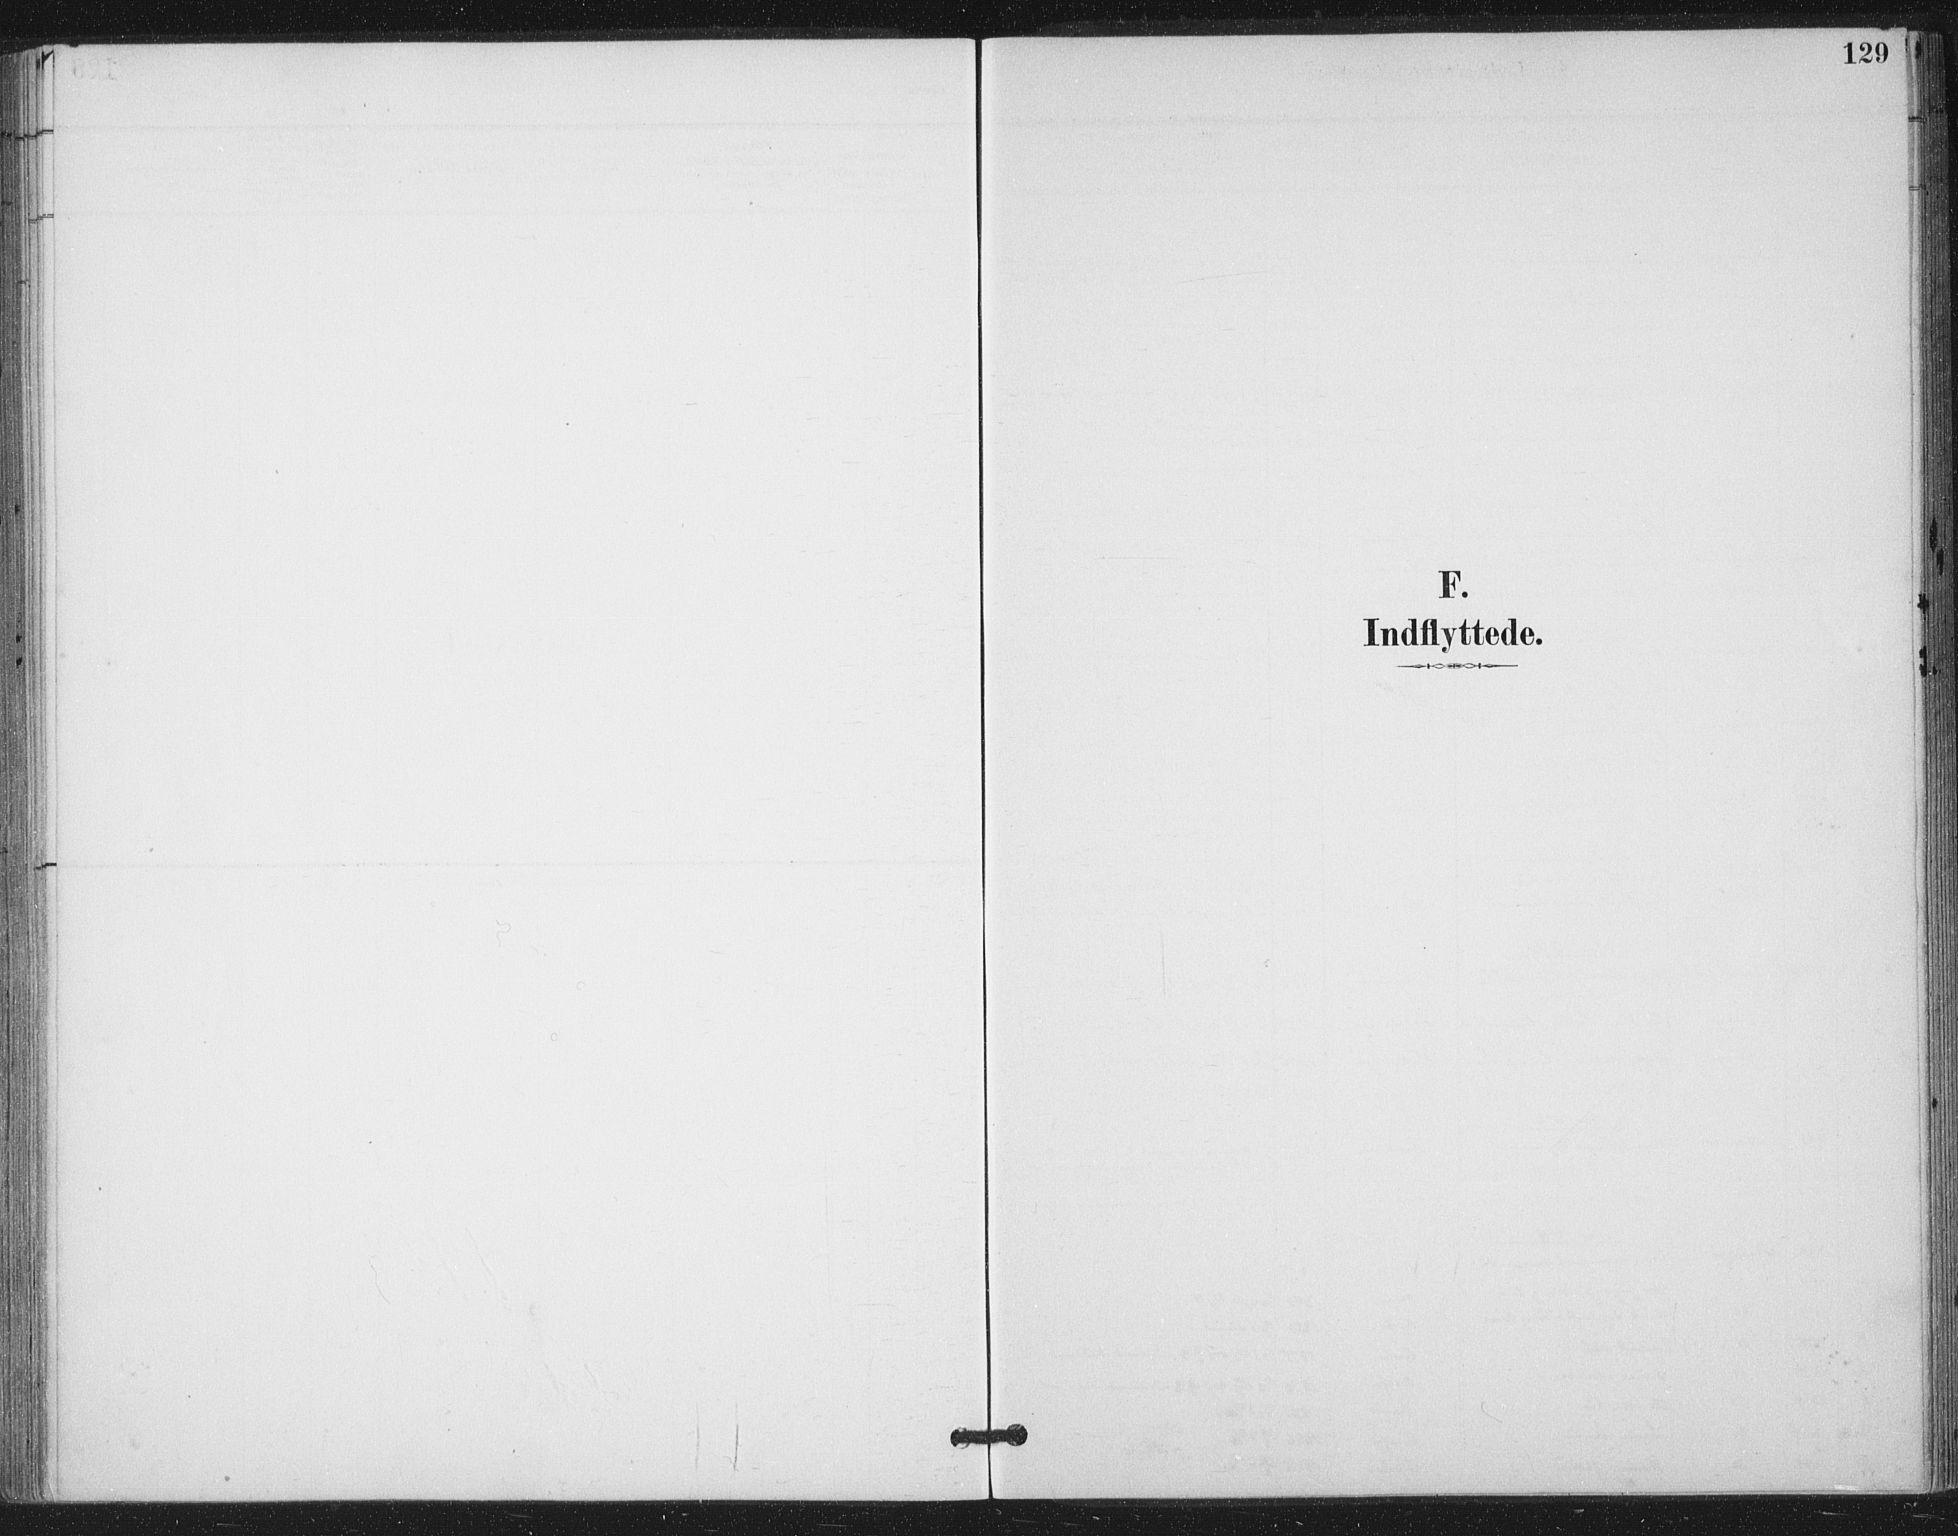 SAT, Ministerialprotokoller, klokkerbøker og fødselsregistre - Nord-Trøndelag, 783/L0660: Ministerialbok nr. 783A02, 1886-1918, s. 129